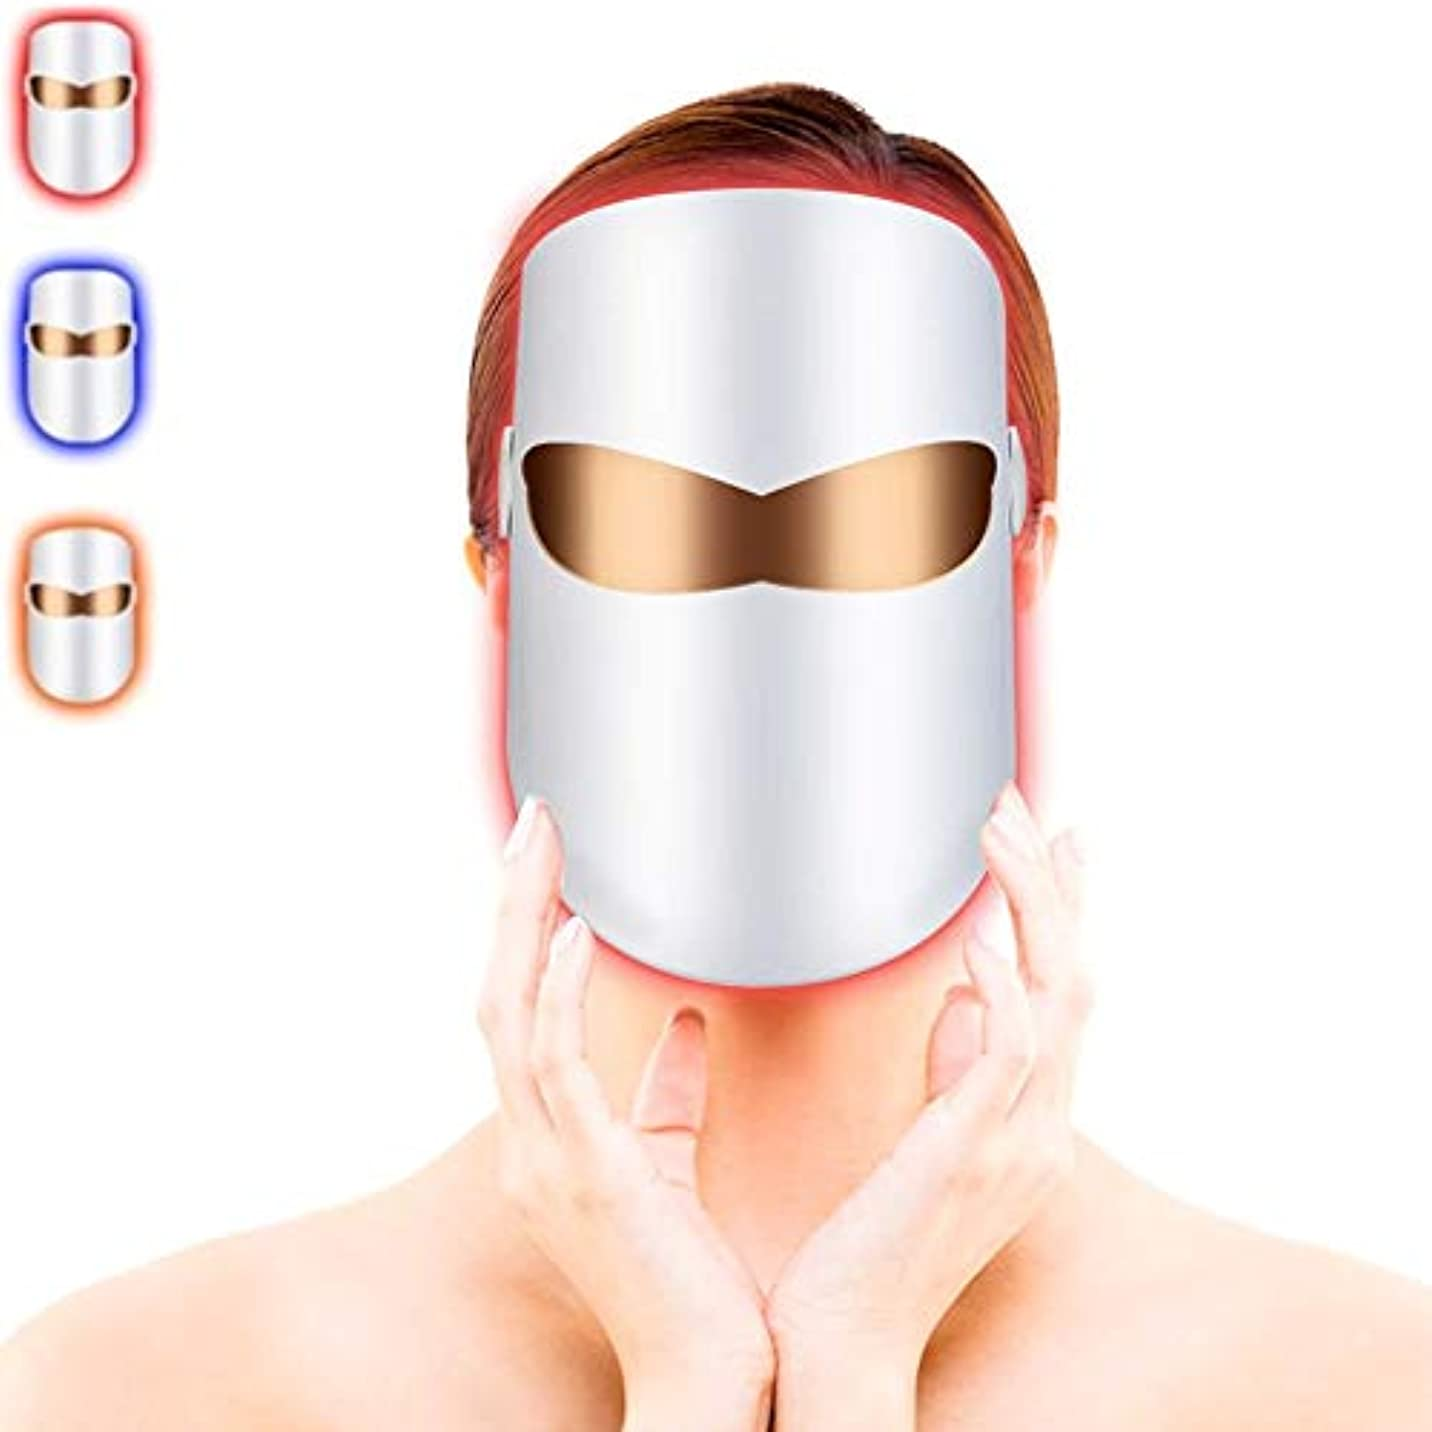 十分ですどうやら立法LEDフェイシャルマスク、ライトセラピーフェイスマスクにきび治療、LEDフォトンセラピーフェイシャル美容マスクにきびスポットのしわコラーゲンコラーゲンスキンケアの若返りのための無制限の治療